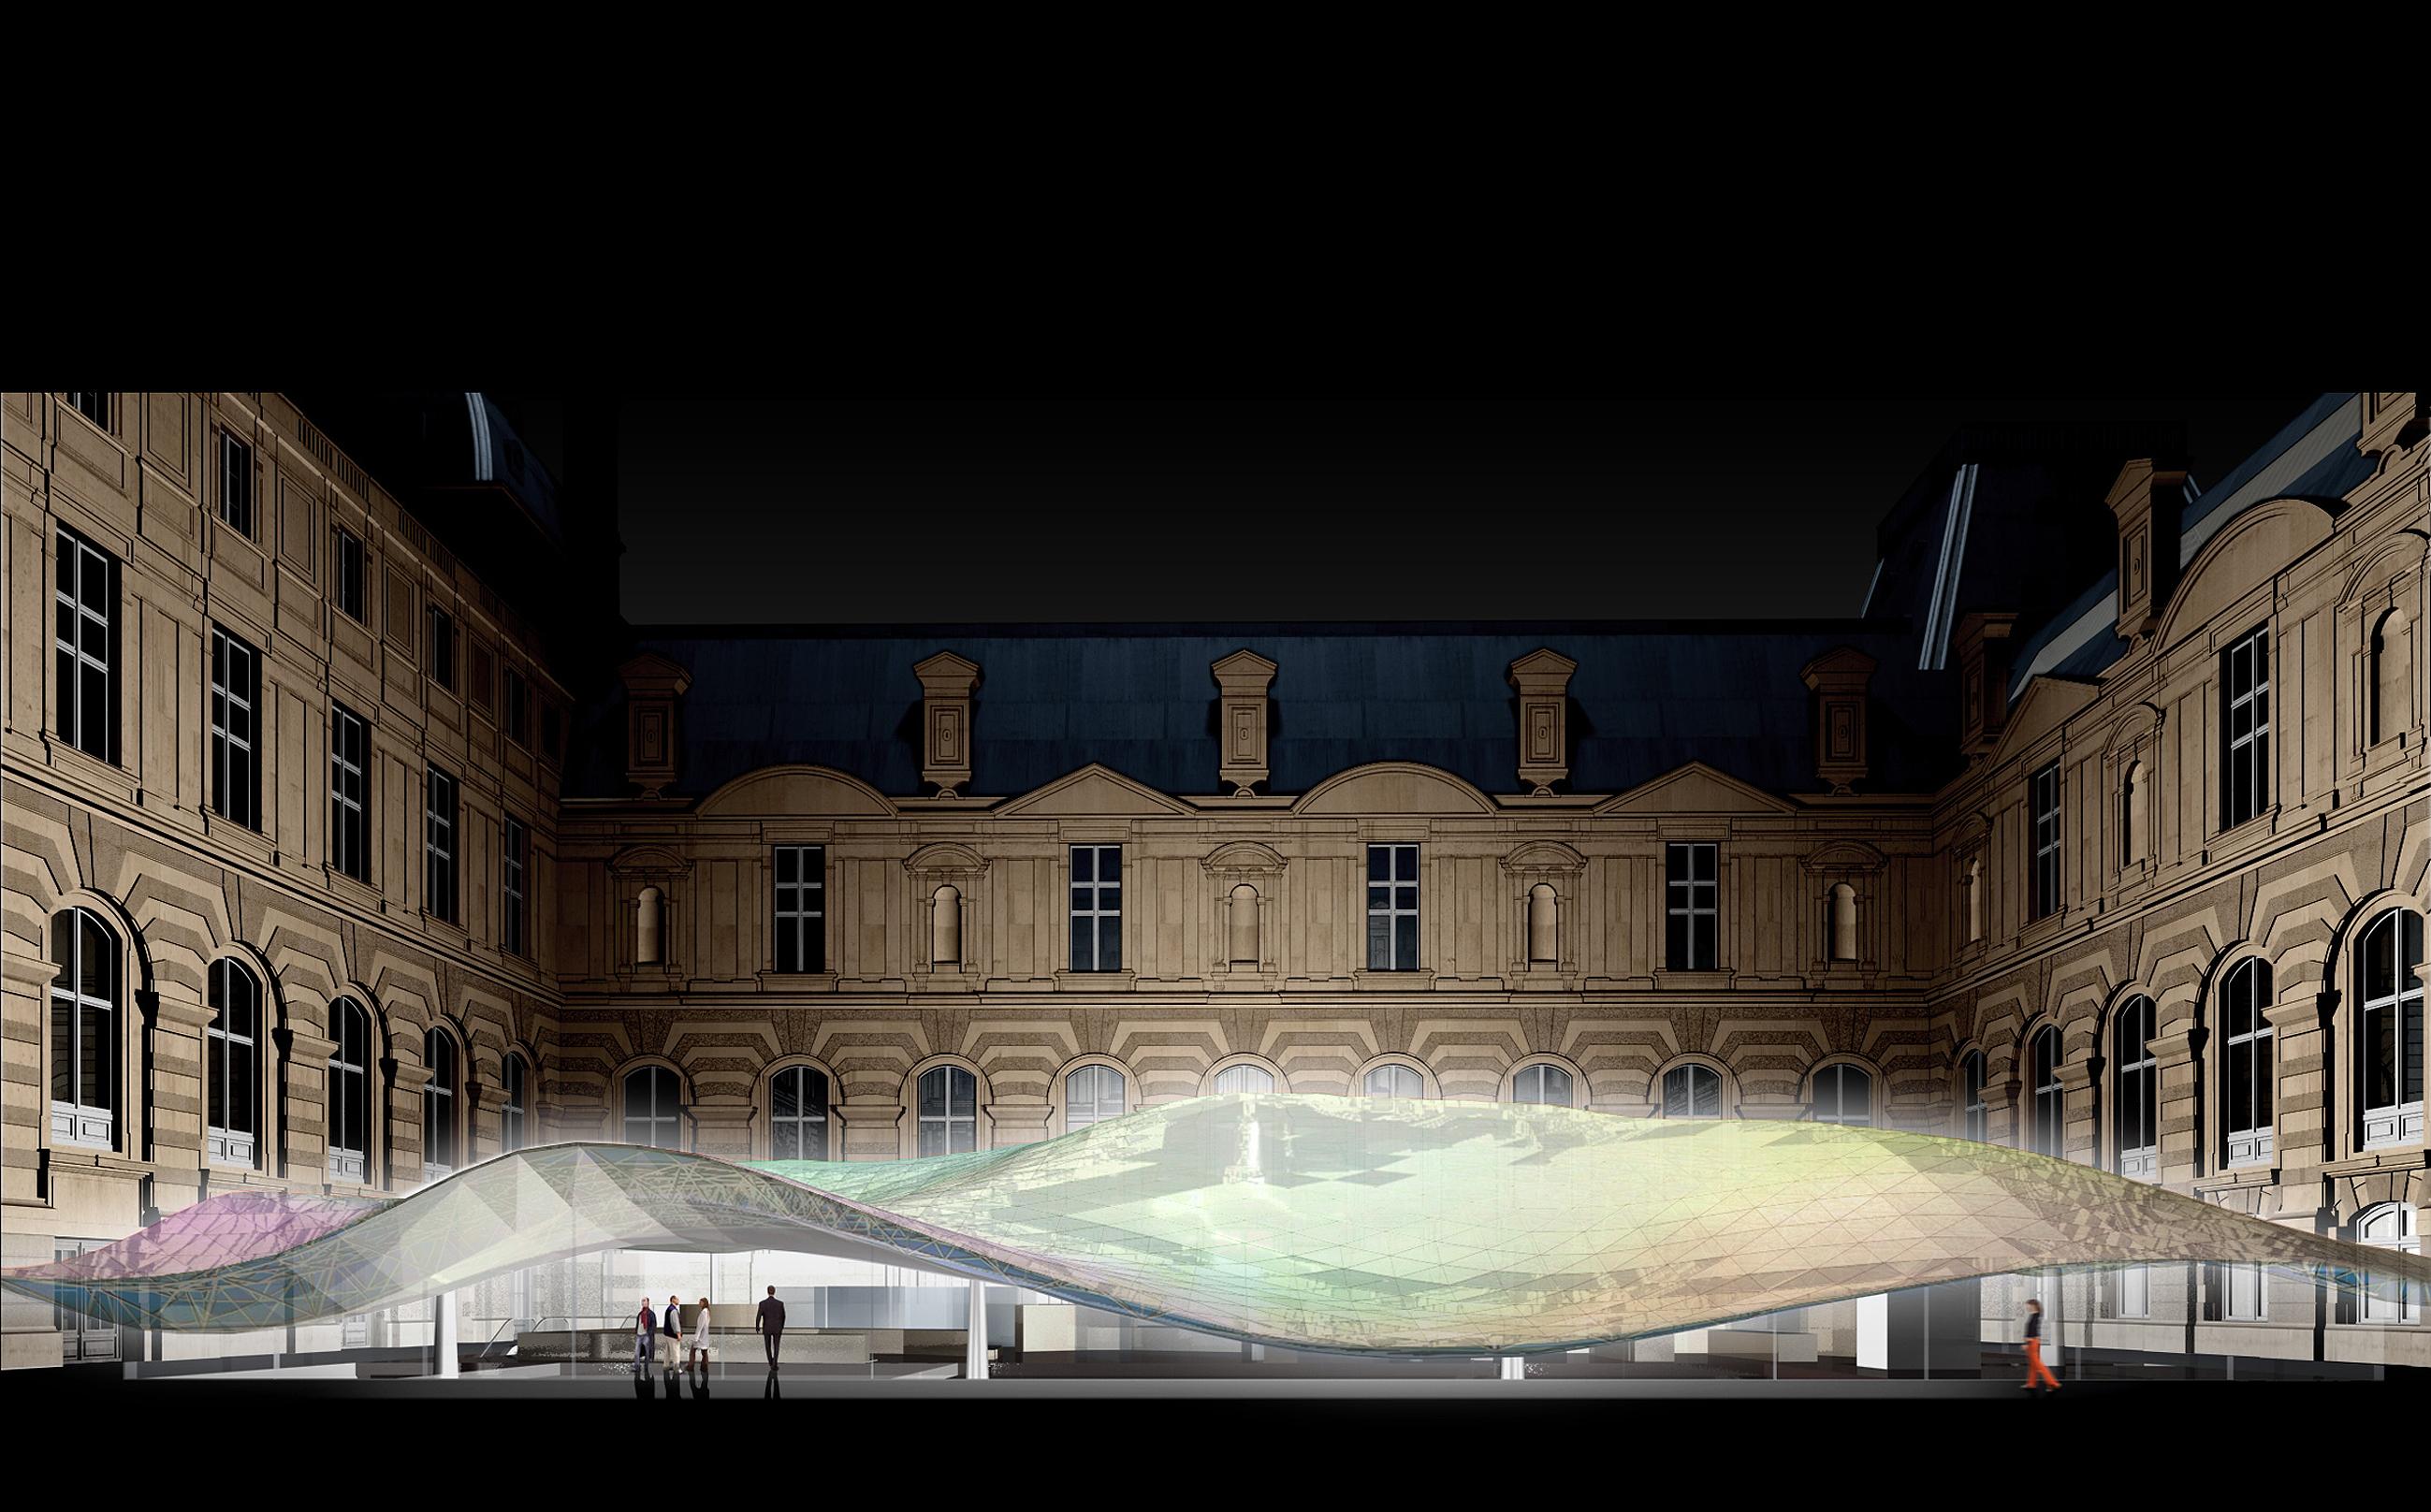 Parigi, Dipartimento di Arti Islamiche al Museo del Louvre, Parigi (2005). Un disegno per lo studio della copertura (cortesia: Mario Bellini Architects)